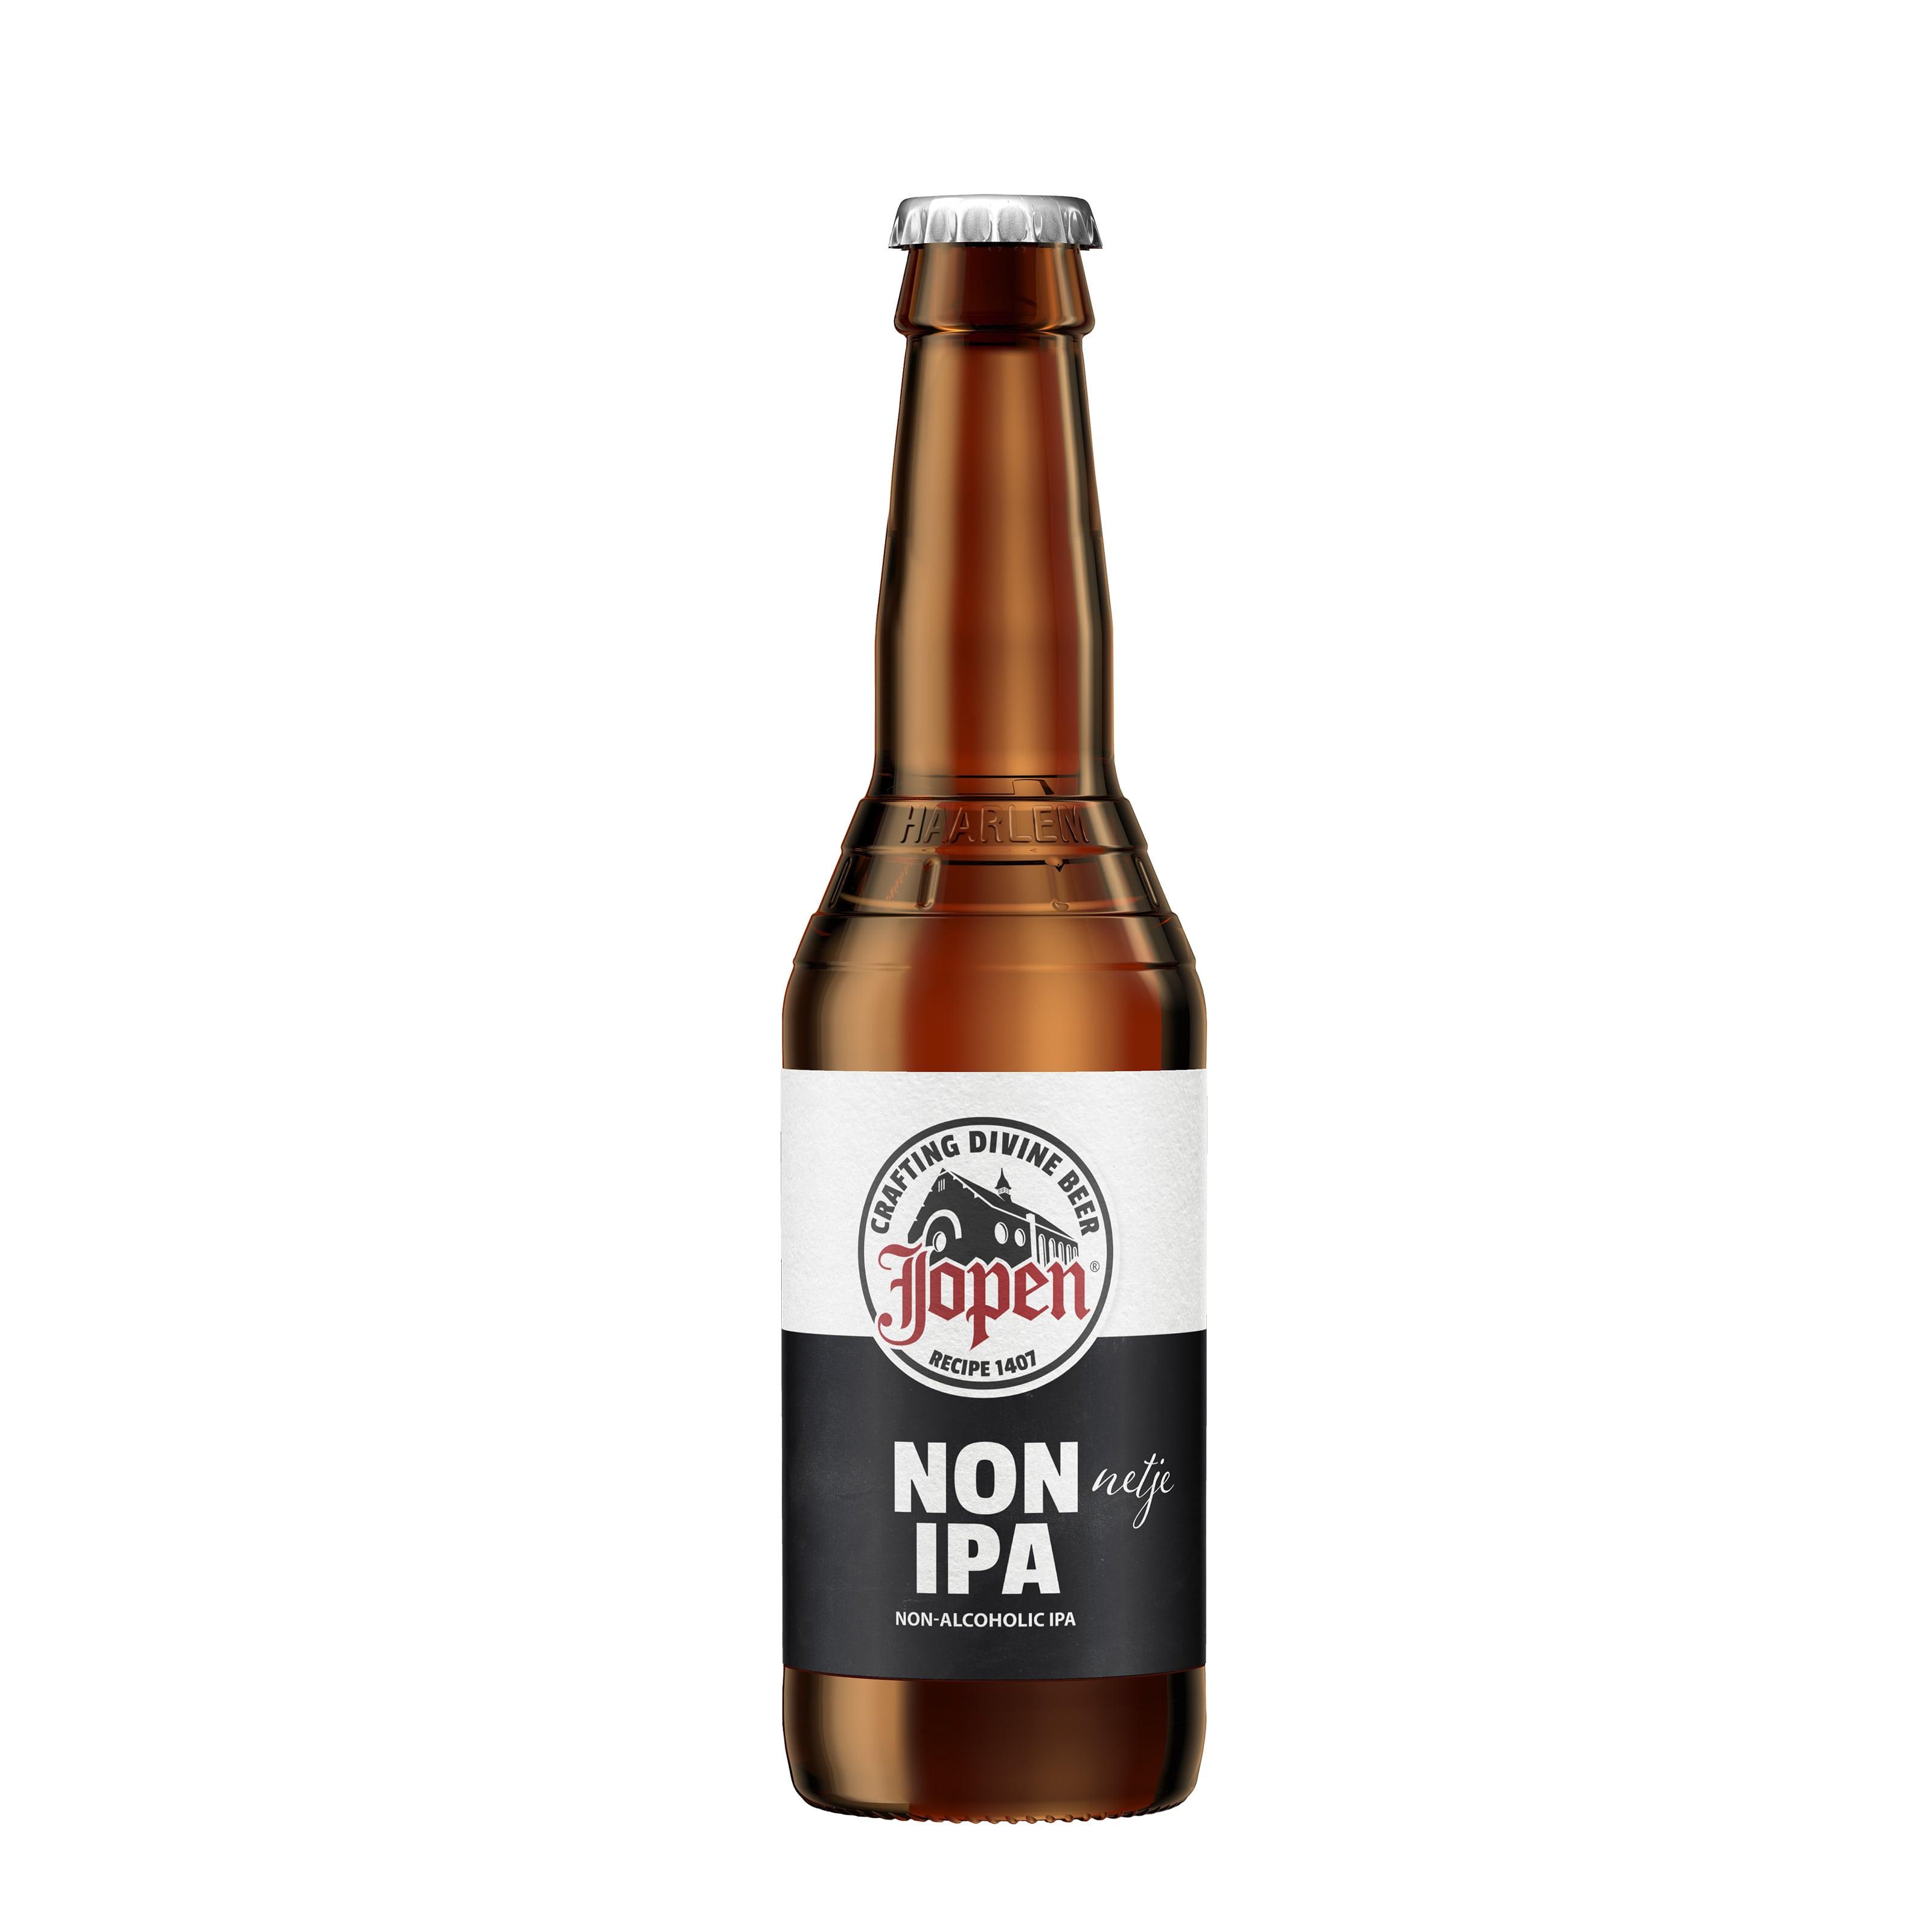 Jopen Non IPA, alcoholarme IPA van Jopen